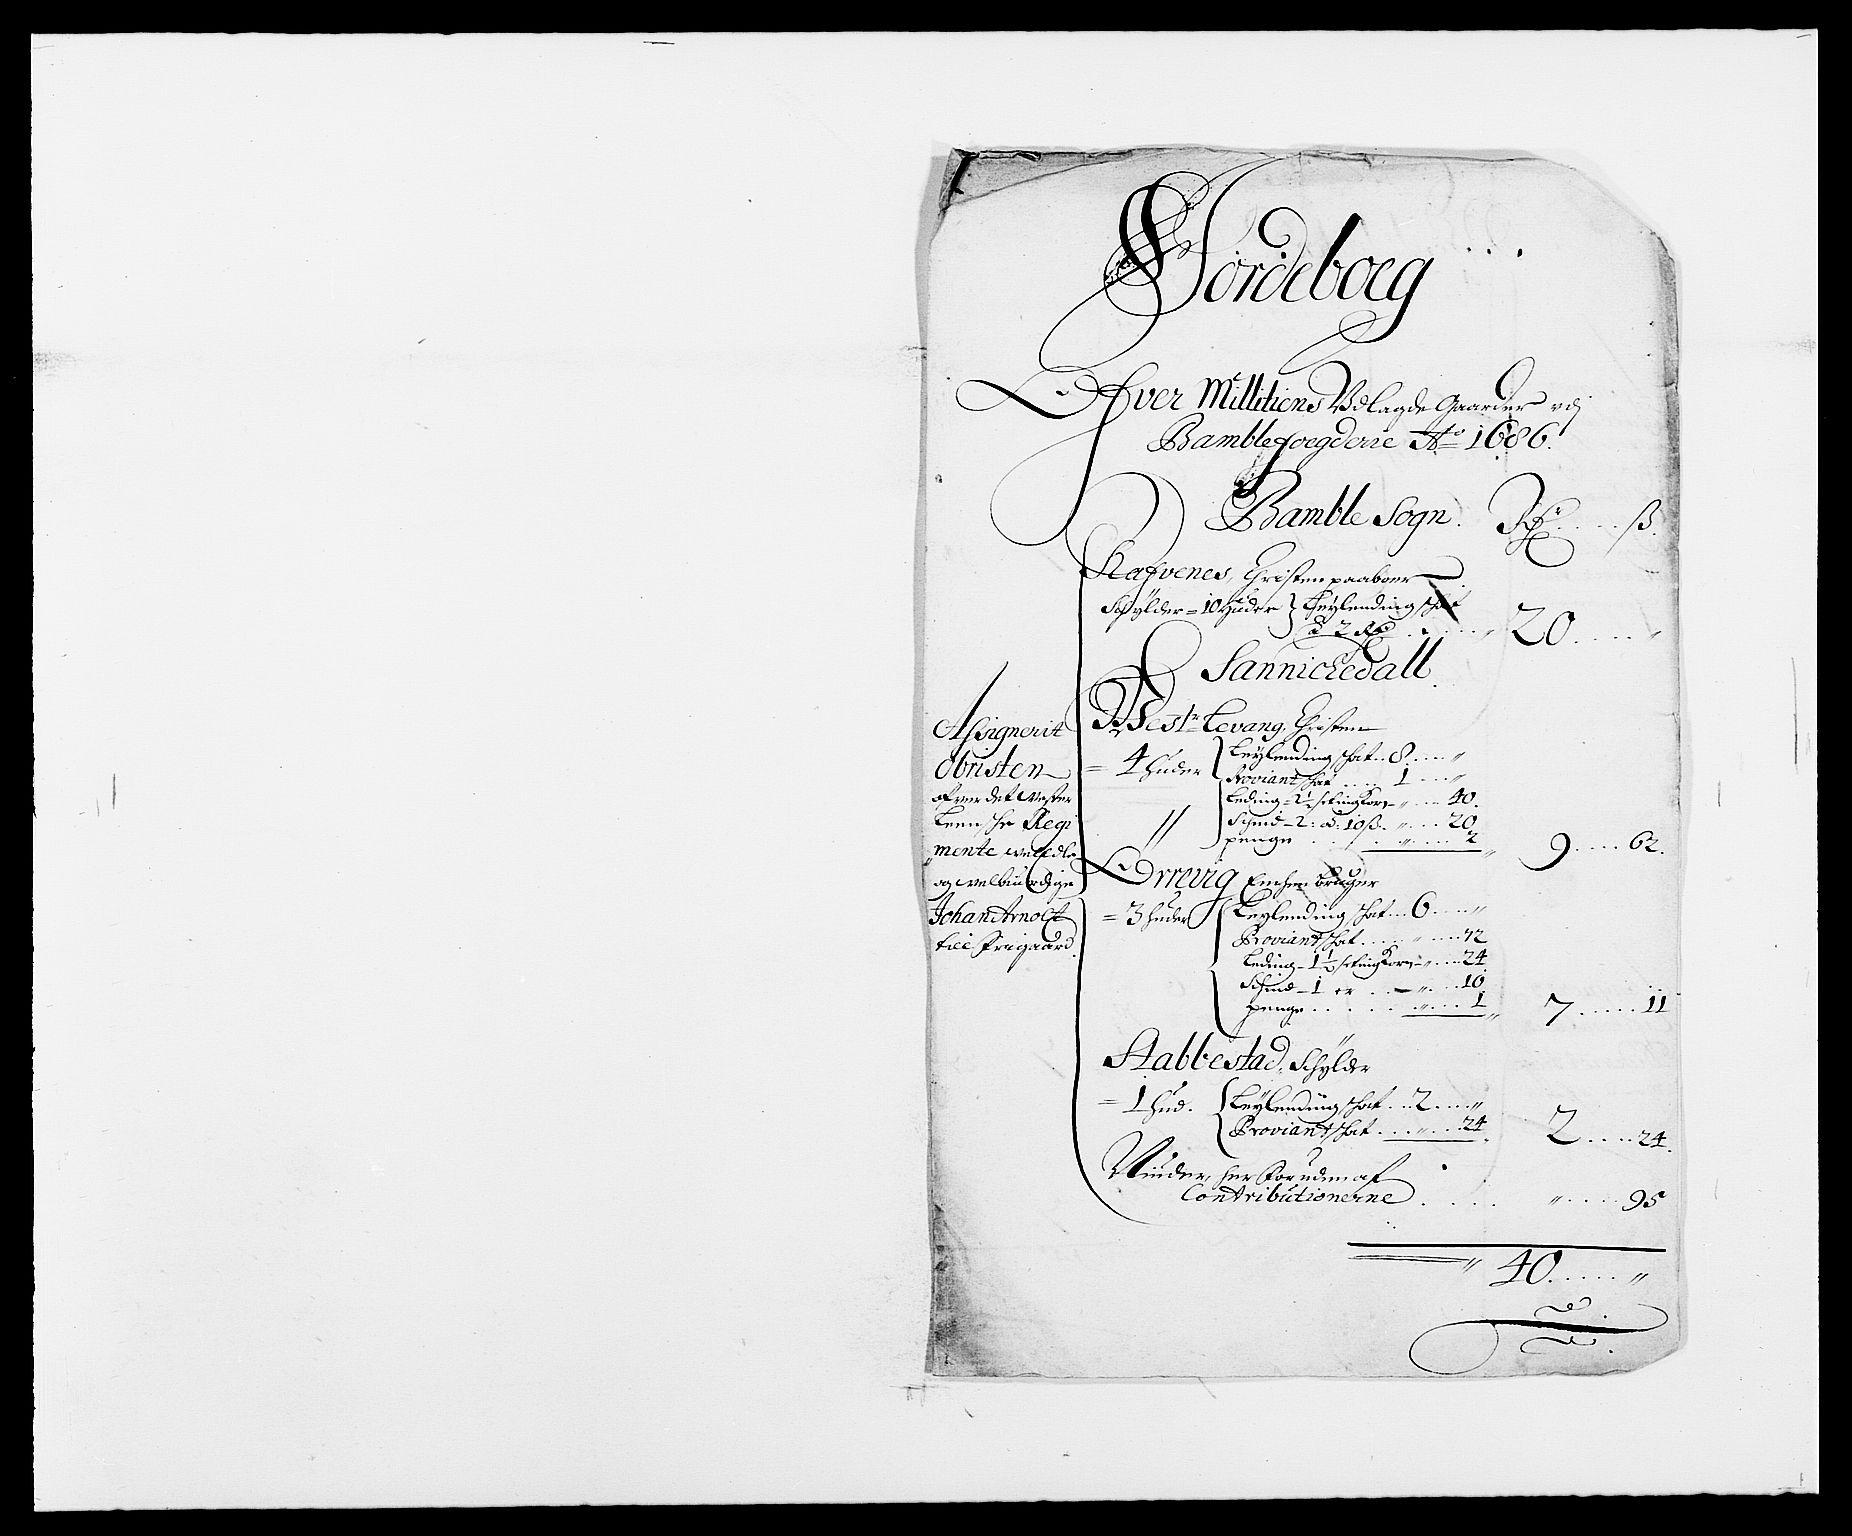 RA, Rentekammeret inntil 1814, Reviderte regnskaper, Fogderegnskap, R34/L2049: Fogderegnskap Bamble, 1685-1687, s. 207